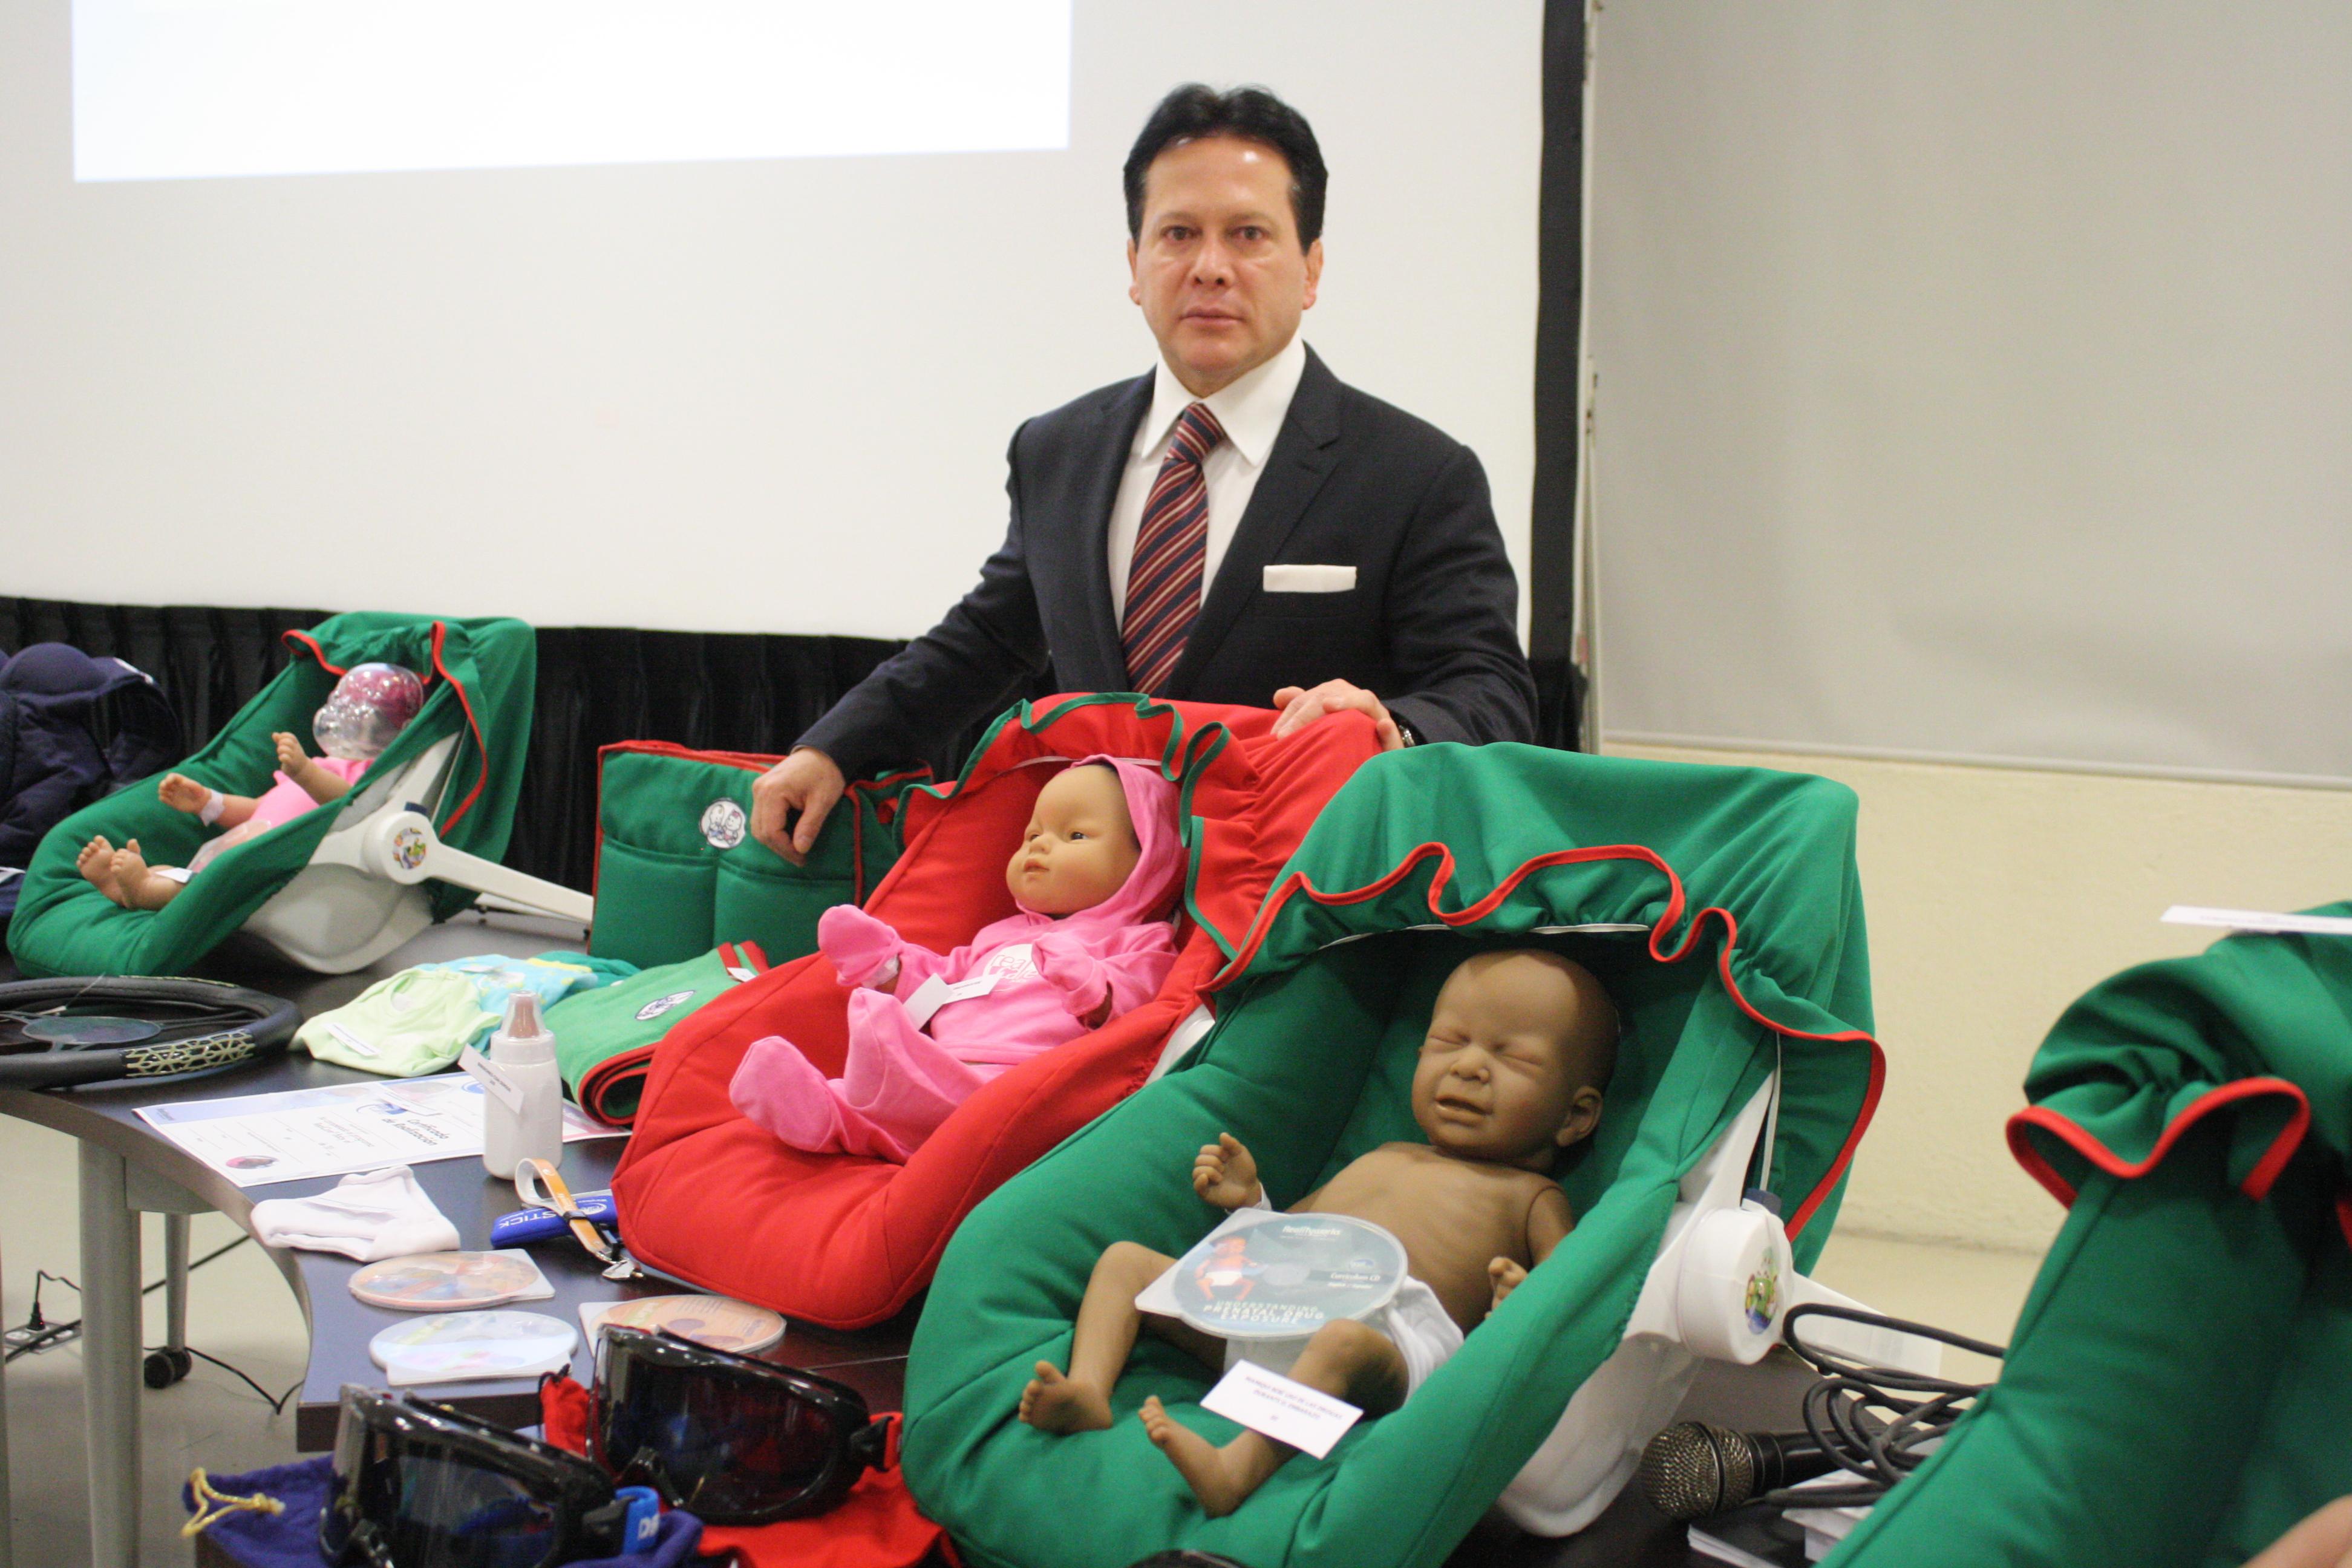 Por dos días representantes de los estados de México, Durango, Michoacán, Morelos, Nuevo León, Oaxaca y Veracruz recibieron capacitación en torno a los problemas que afectan la salud.